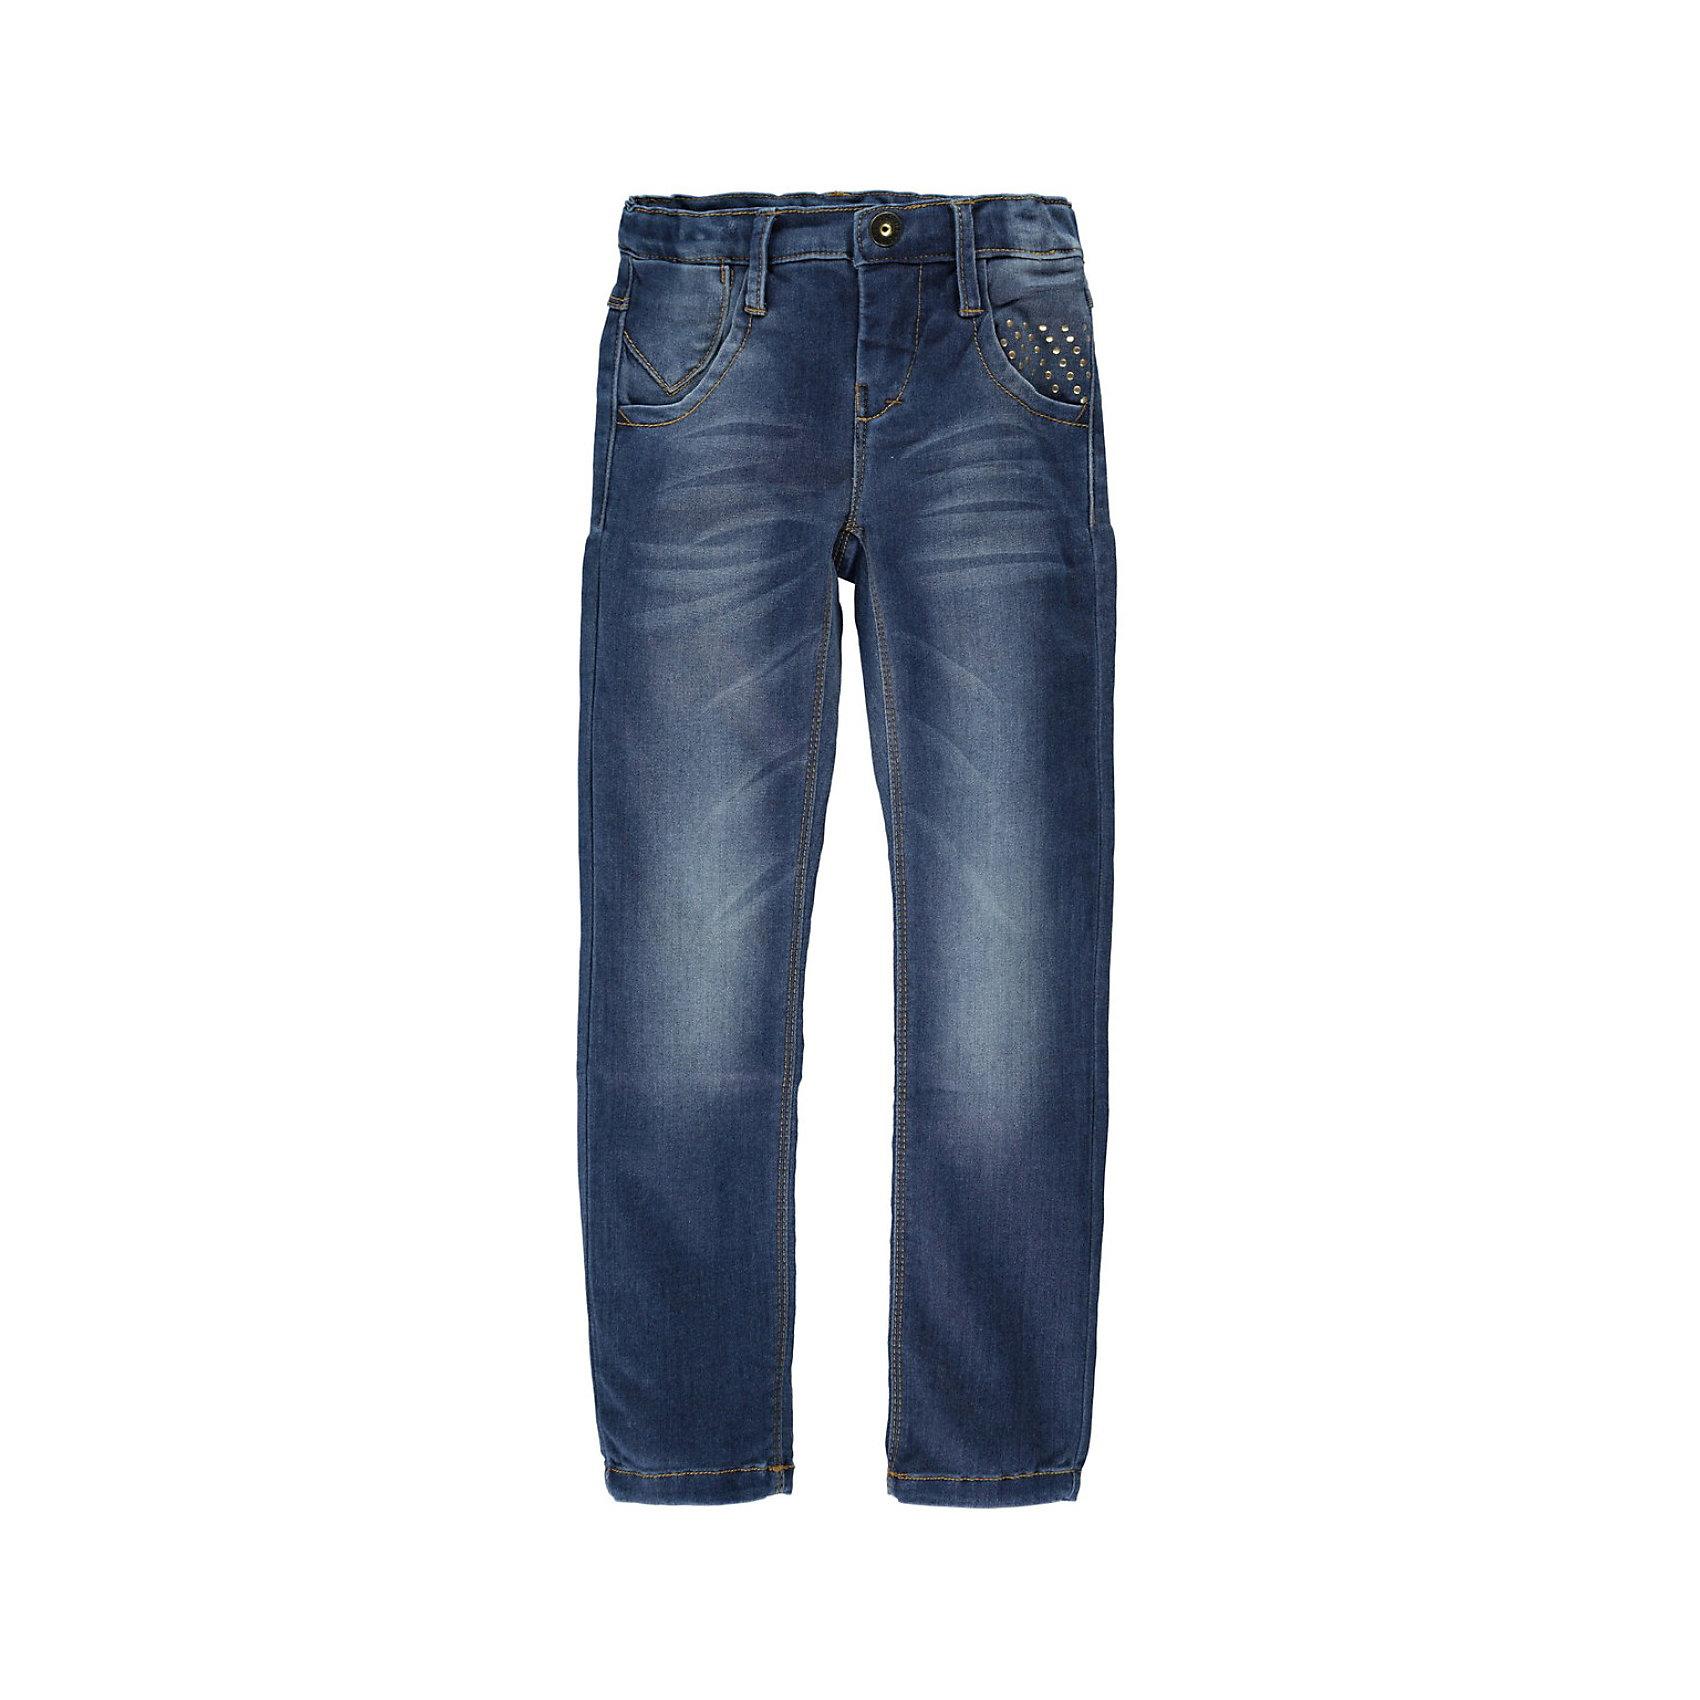 Джинсы для девочки name itДжинсы<br>Джинсы для девочки name it.  Классические синие джинсы прямого покроя подойдут к любой одежде и обуви. Удобная демократичная модель. Изделие выполнено из высококачественного прочного материала , прекрасно сидит на фигуре, не растягивается после стирки. Идеальный вариант на каждый день.<br><br>Дополнительное описание :<br>- Тип карманов: втачные<br>- Крой брючин: прямой<br>- Цвет: синий, потертости.<br>- Застежка: молния.<br>- Декоративные элементы: заклепки<br>Параметры для размера 140<br>-  Длина по внутреннему шву: 66 см<br>- Высота посадки: 19 см<br>- Ширина брючин низ: 16см<br>- Ширина брючин верх: 17 см<br><br>состав:<br>41% вискоза, 31% хлопок, 25% полиэстер, 3% эластан<br><br>Джинсы для девочки name it (нэйм ит) можно купить в нашем магазине<br><br>Ширина мм: 215<br>Глубина мм: 88<br>Высота мм: 191<br>Вес г: 336<br>Цвет: темно-синий<br>Возраст от месяцев: 84<br>Возраст до месяцев: 96<br>Пол: Женский<br>Возраст: Детский<br>Размер: 110,140,134,128,116,152,122,146<br>SKU: 3815261